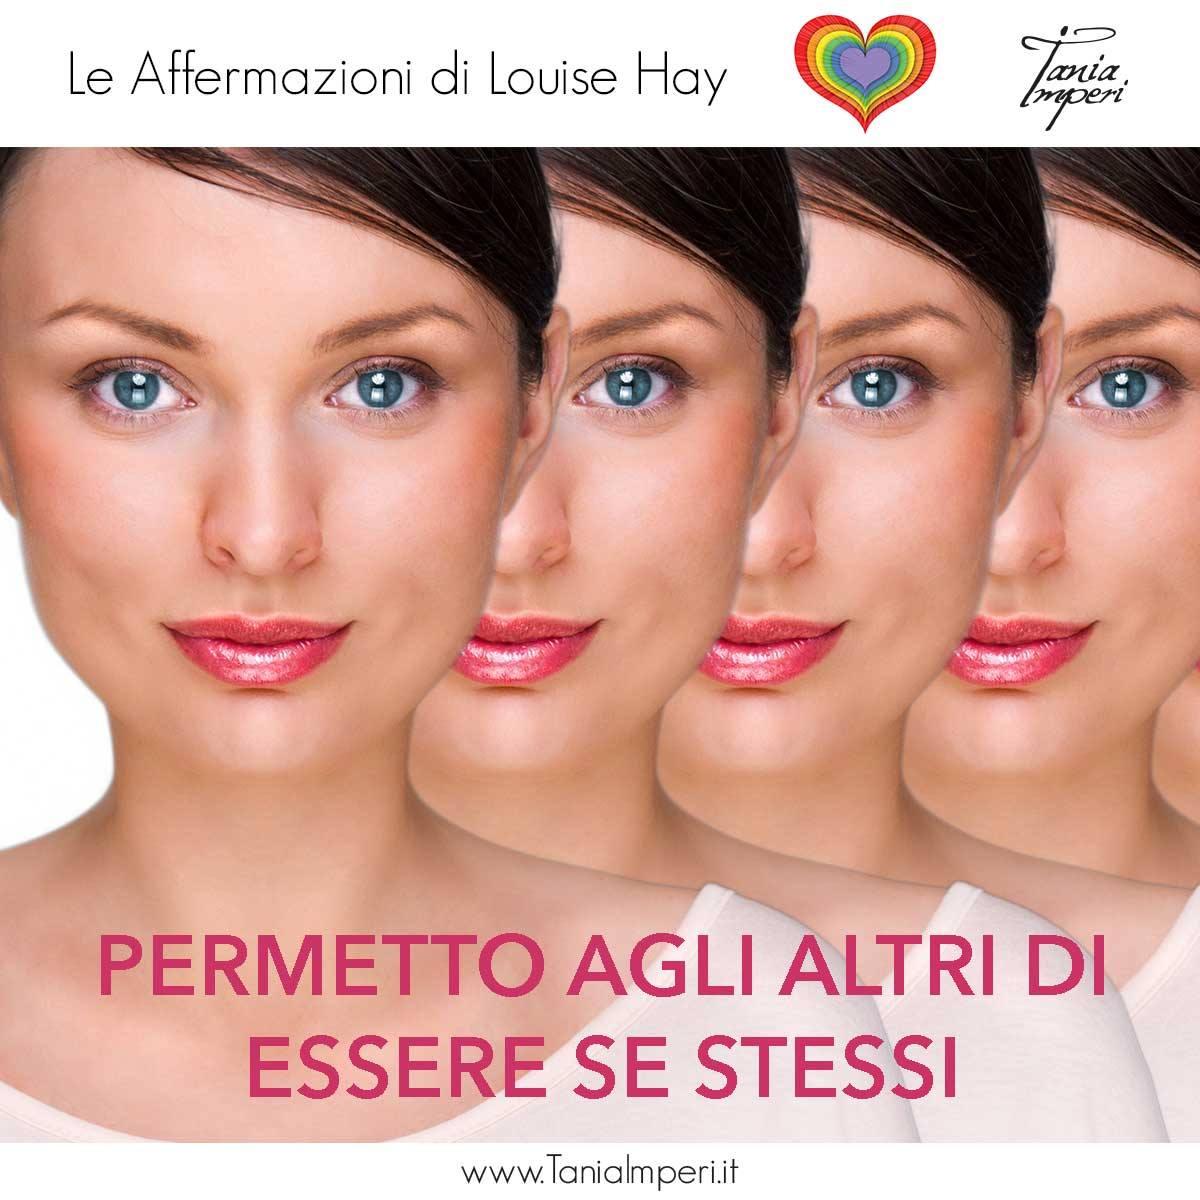 AFFERMAZIONI_LOUISE_HAY_TANIA_IMPERI_50-PERMETTO-AGLI-ALTRI-DI-ESSERE-SE-STESSI-11DIC2017